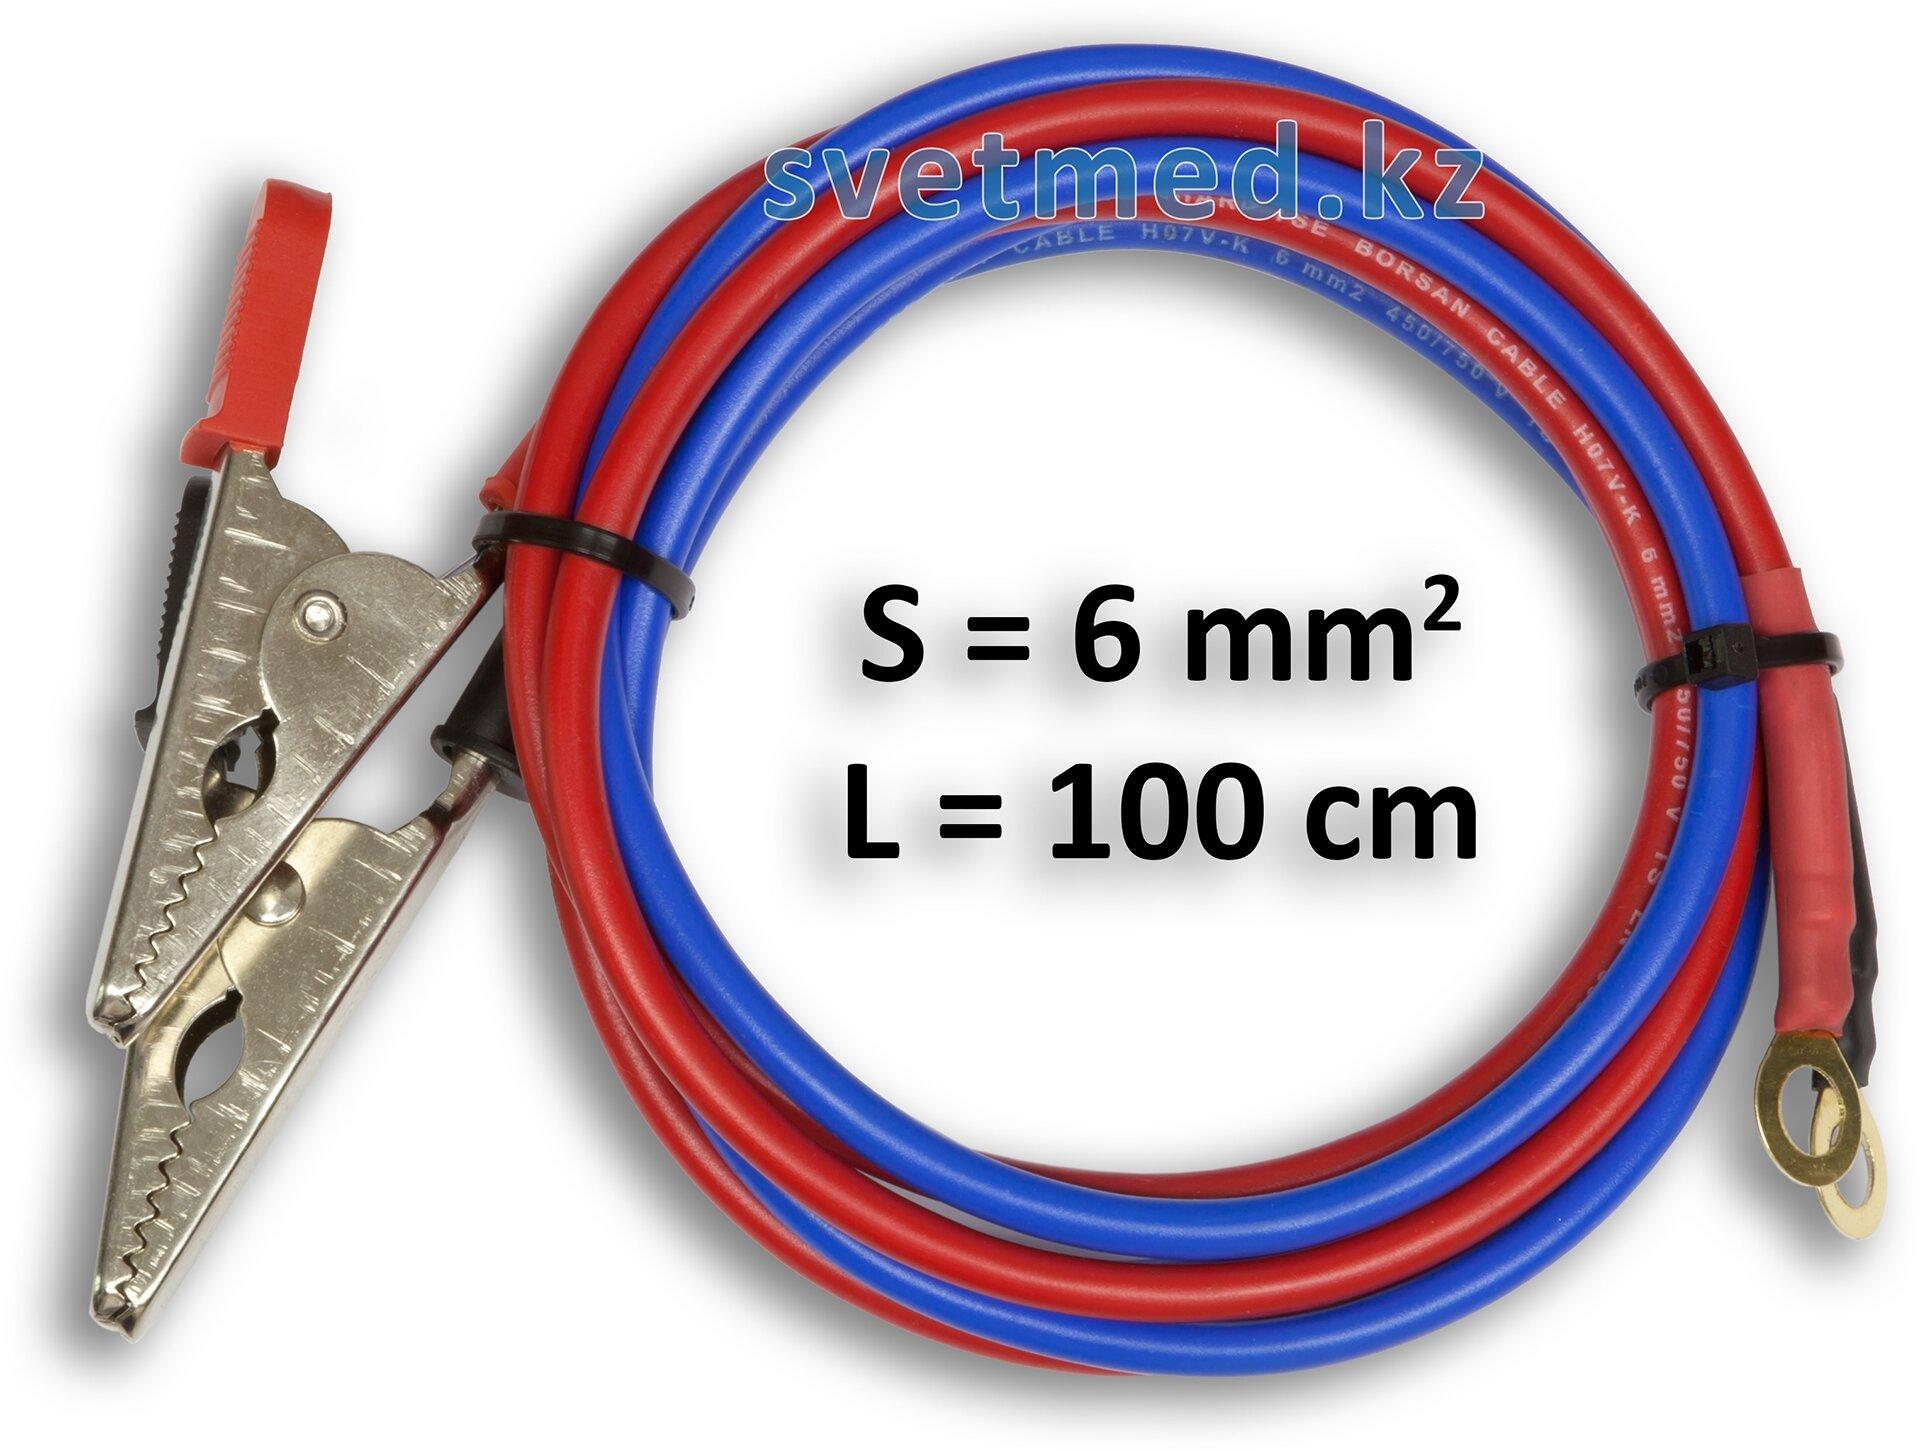 Провод токоведущий (щуп) №5 - фото Провода токоведущие (щупы).jpg